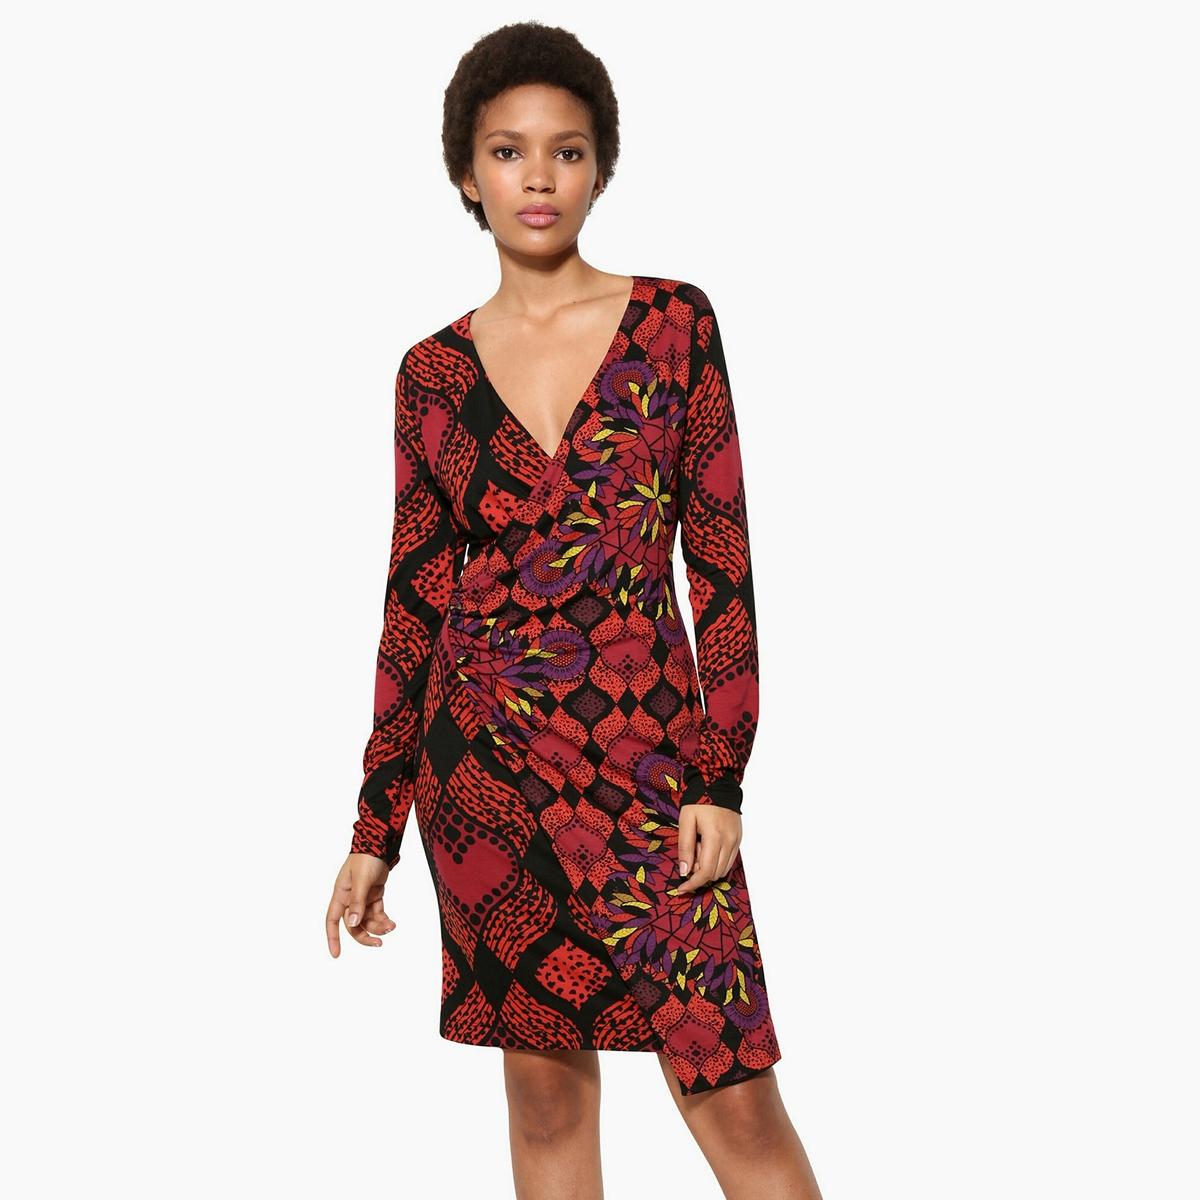 Платье короткое прямое, с цветочным принтом, с длинными рукавами music note print swing party dress